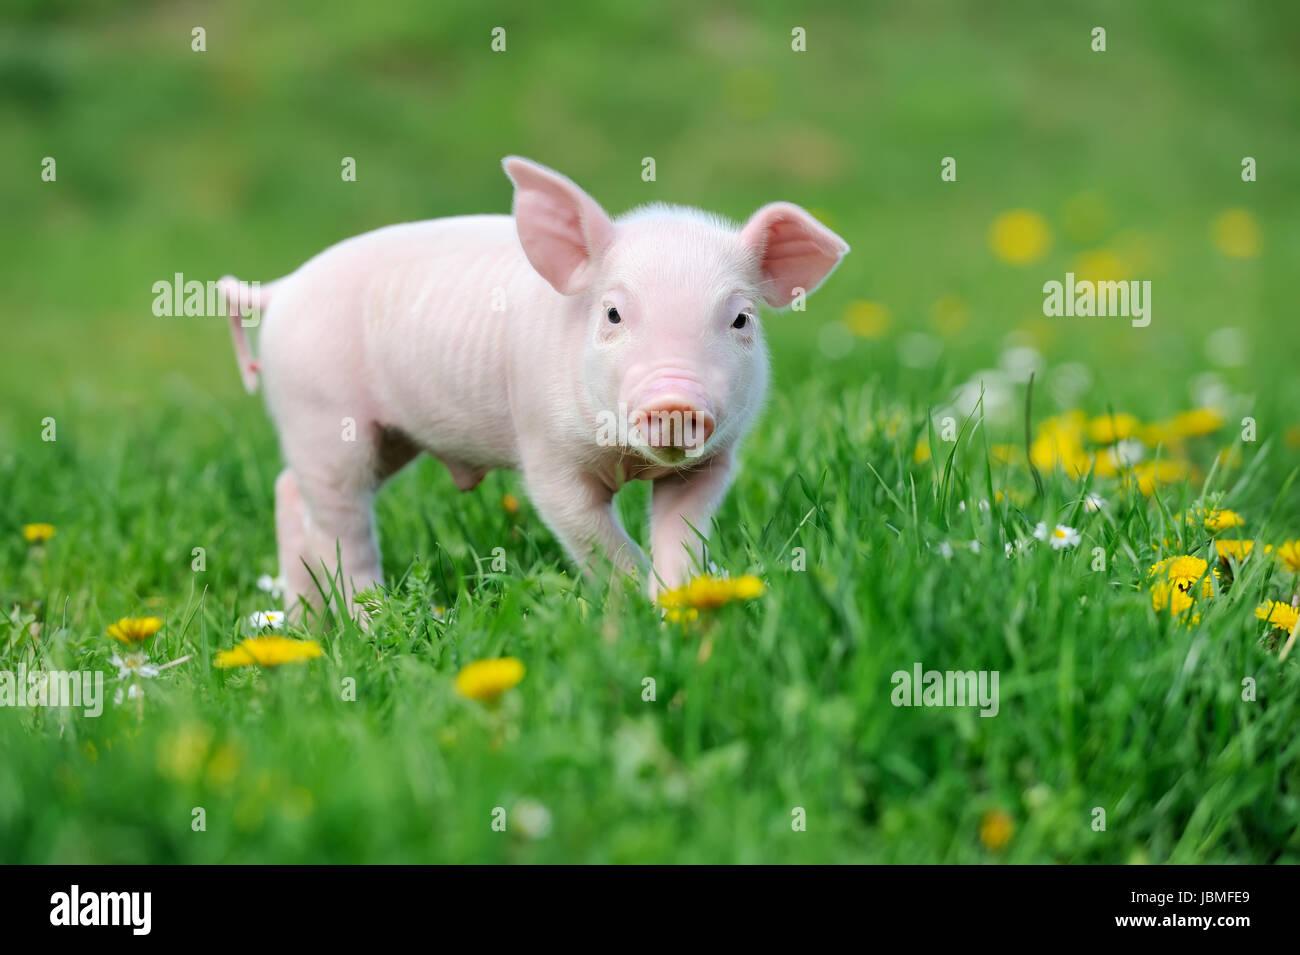 Giovani maiale divertenti su una molla verde erba Immagini Stock